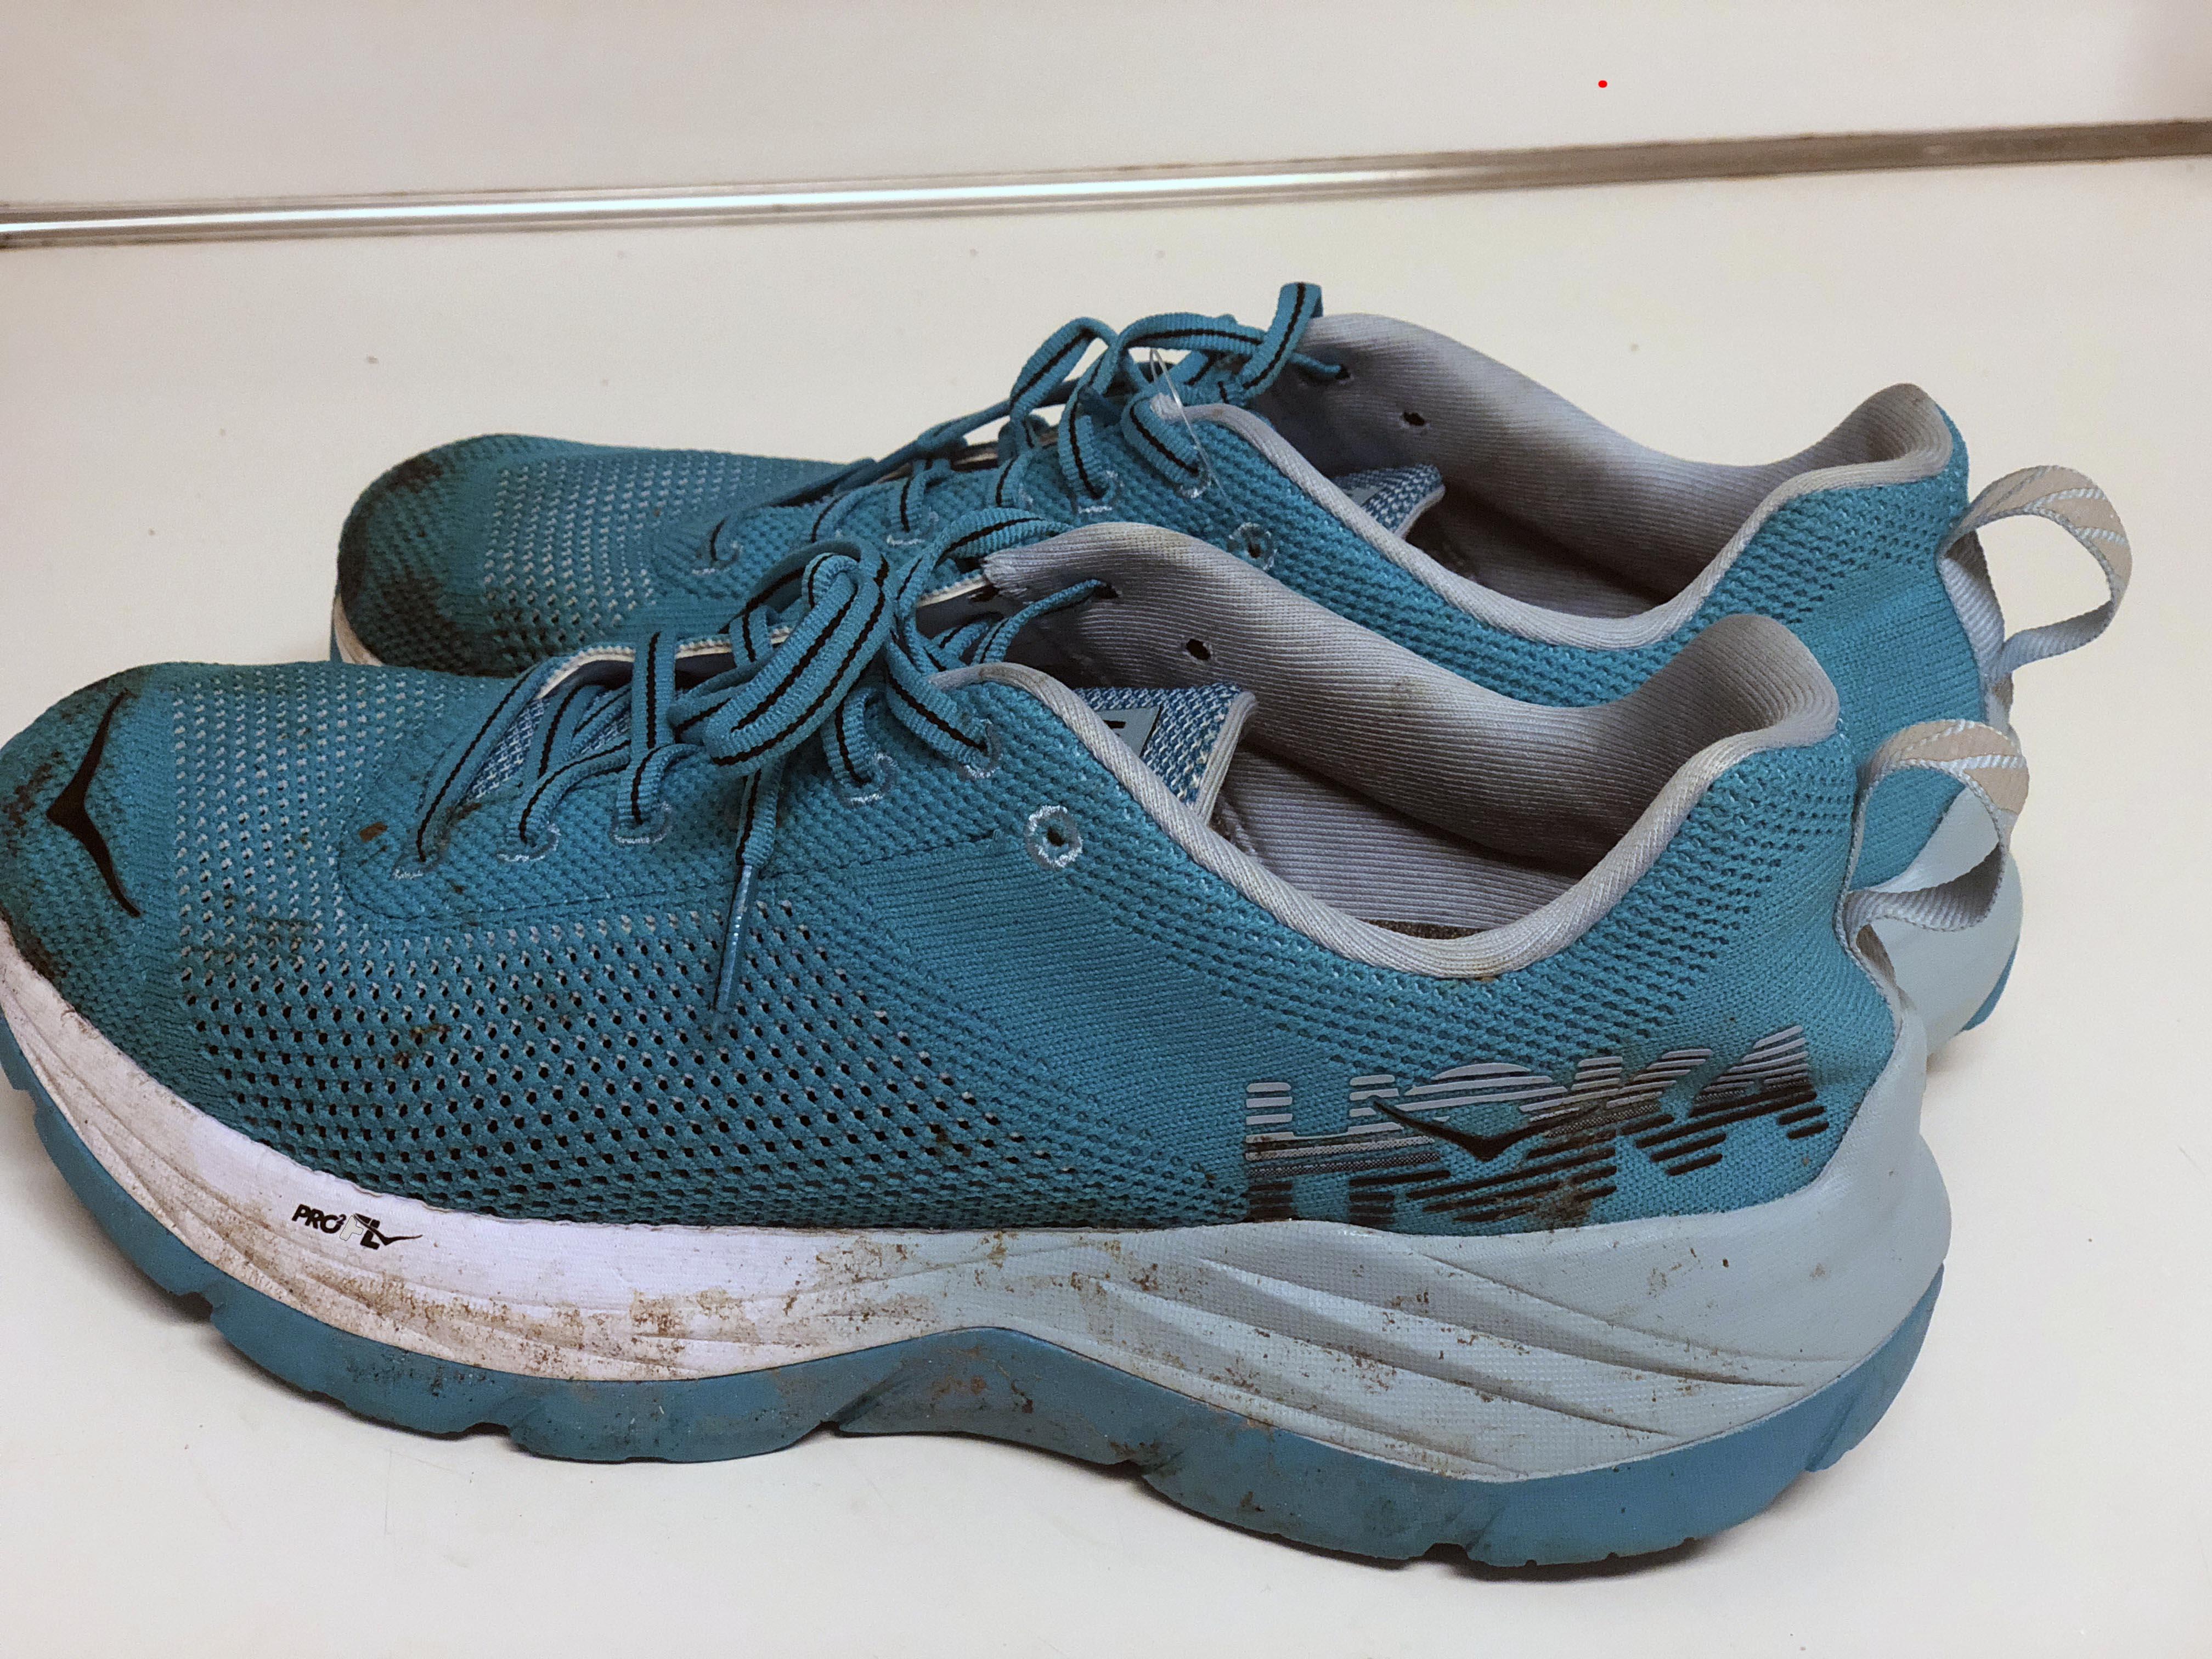 info for 073f0 5b883 Hoka One One Mach Shoe Review FueledByLOLZ